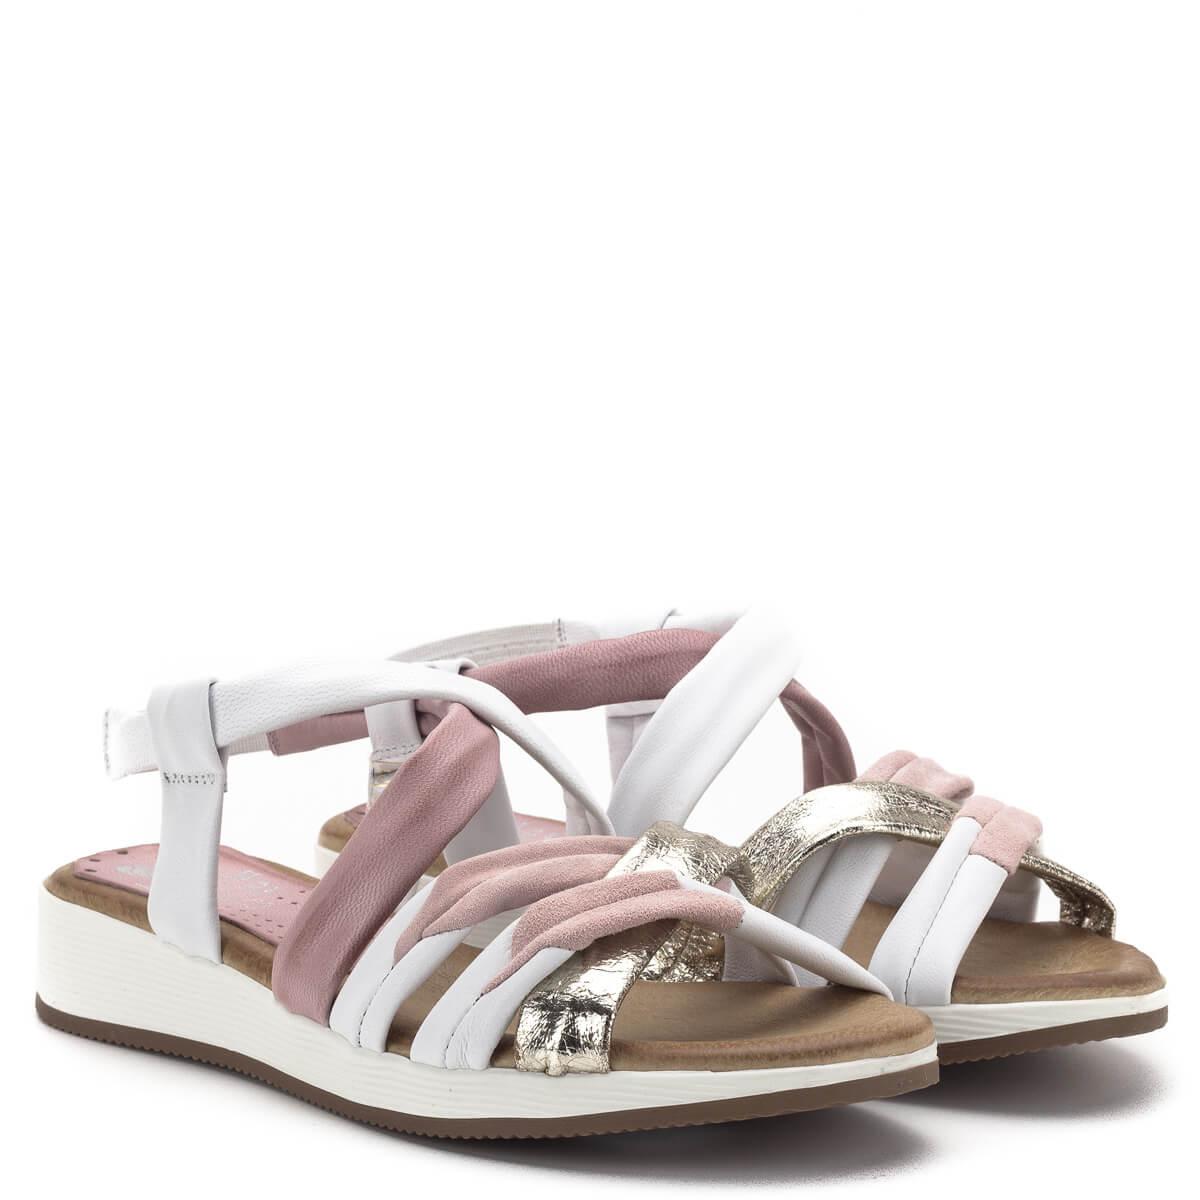 Marila szandál Fehér rózsaszín bőr szandál Marila 600 ES